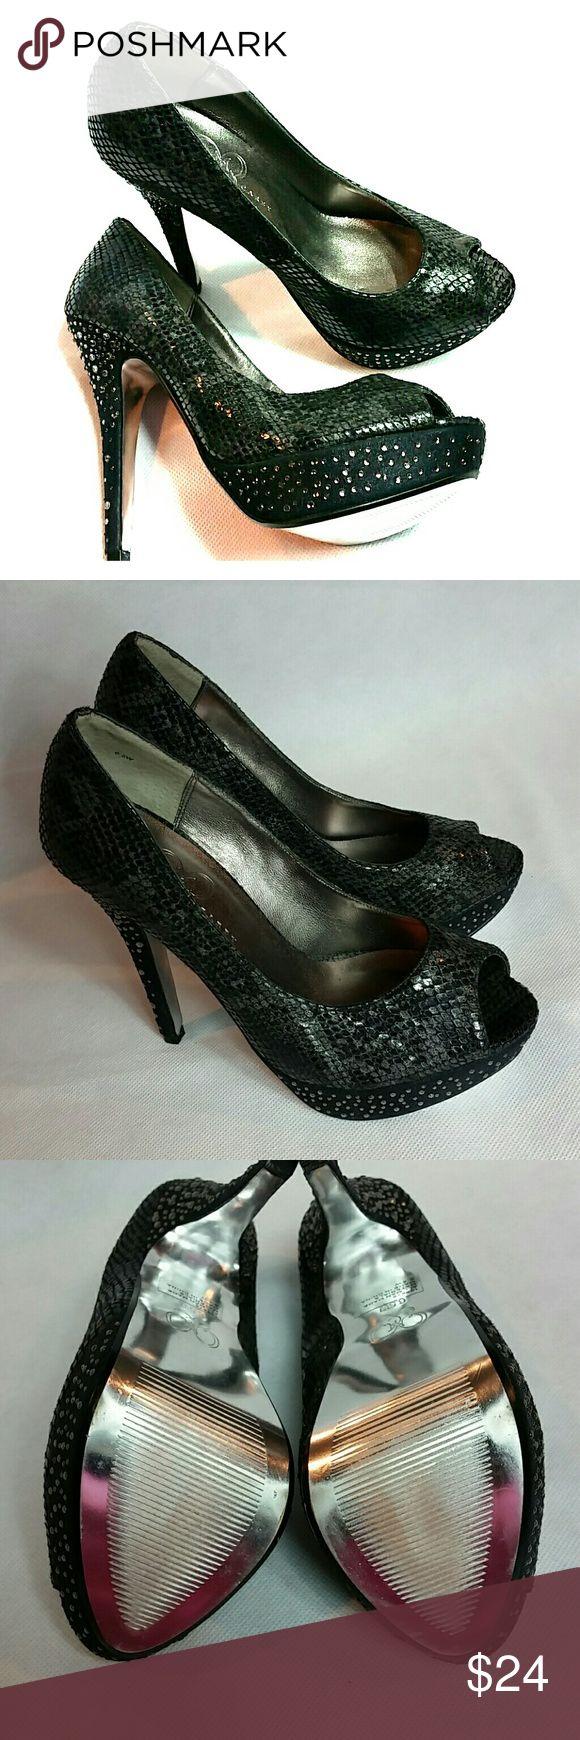 Mariah Carey Size 6.5 Faux Animal Print Heels Very cute size 6.5 Mariah Carey faux animal print Gray and Black bling detail heels. Mariah Carey  Shoes Heels